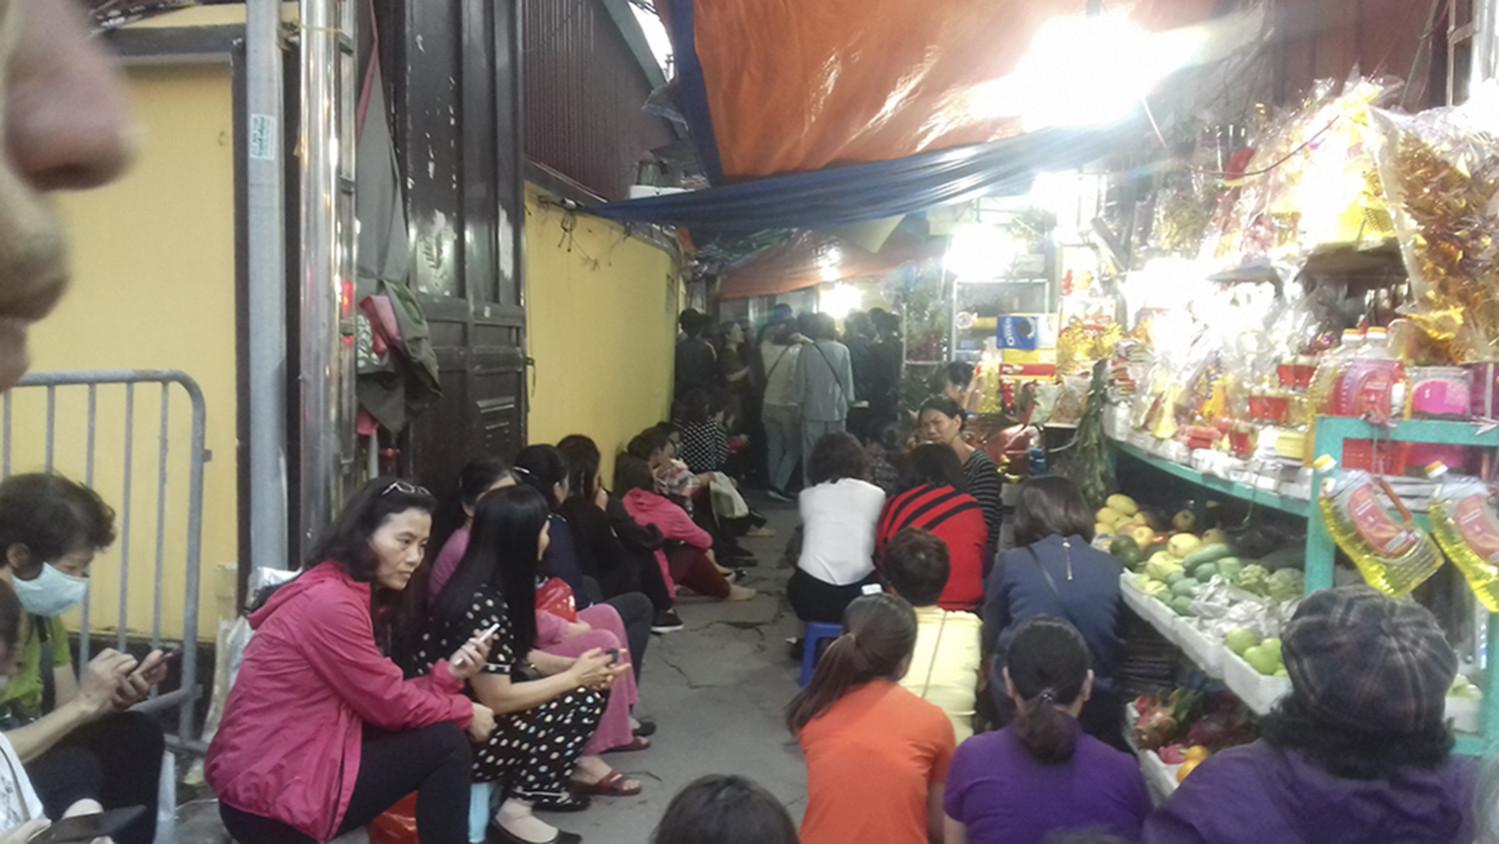 Không được vào bên trong, nhiều người bắt đầu ngồi dọc lối đi vào chùa và vỉa hè.